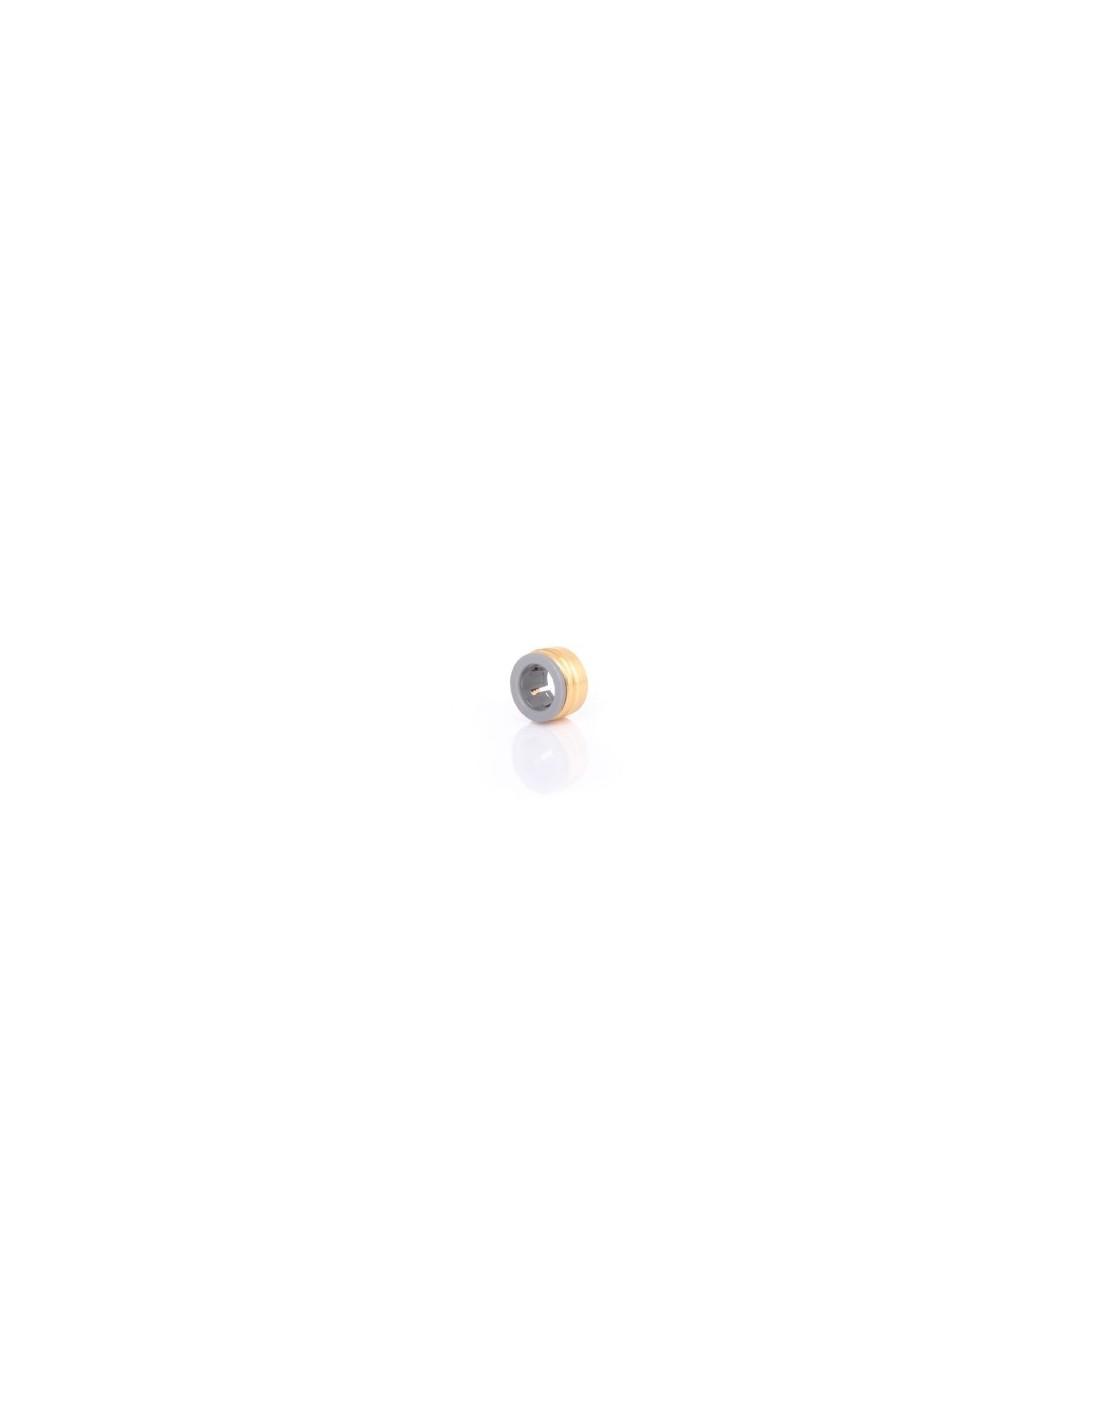 """SPO02248 - JG insatshylsa 9,5 mm (3/8"""")"""